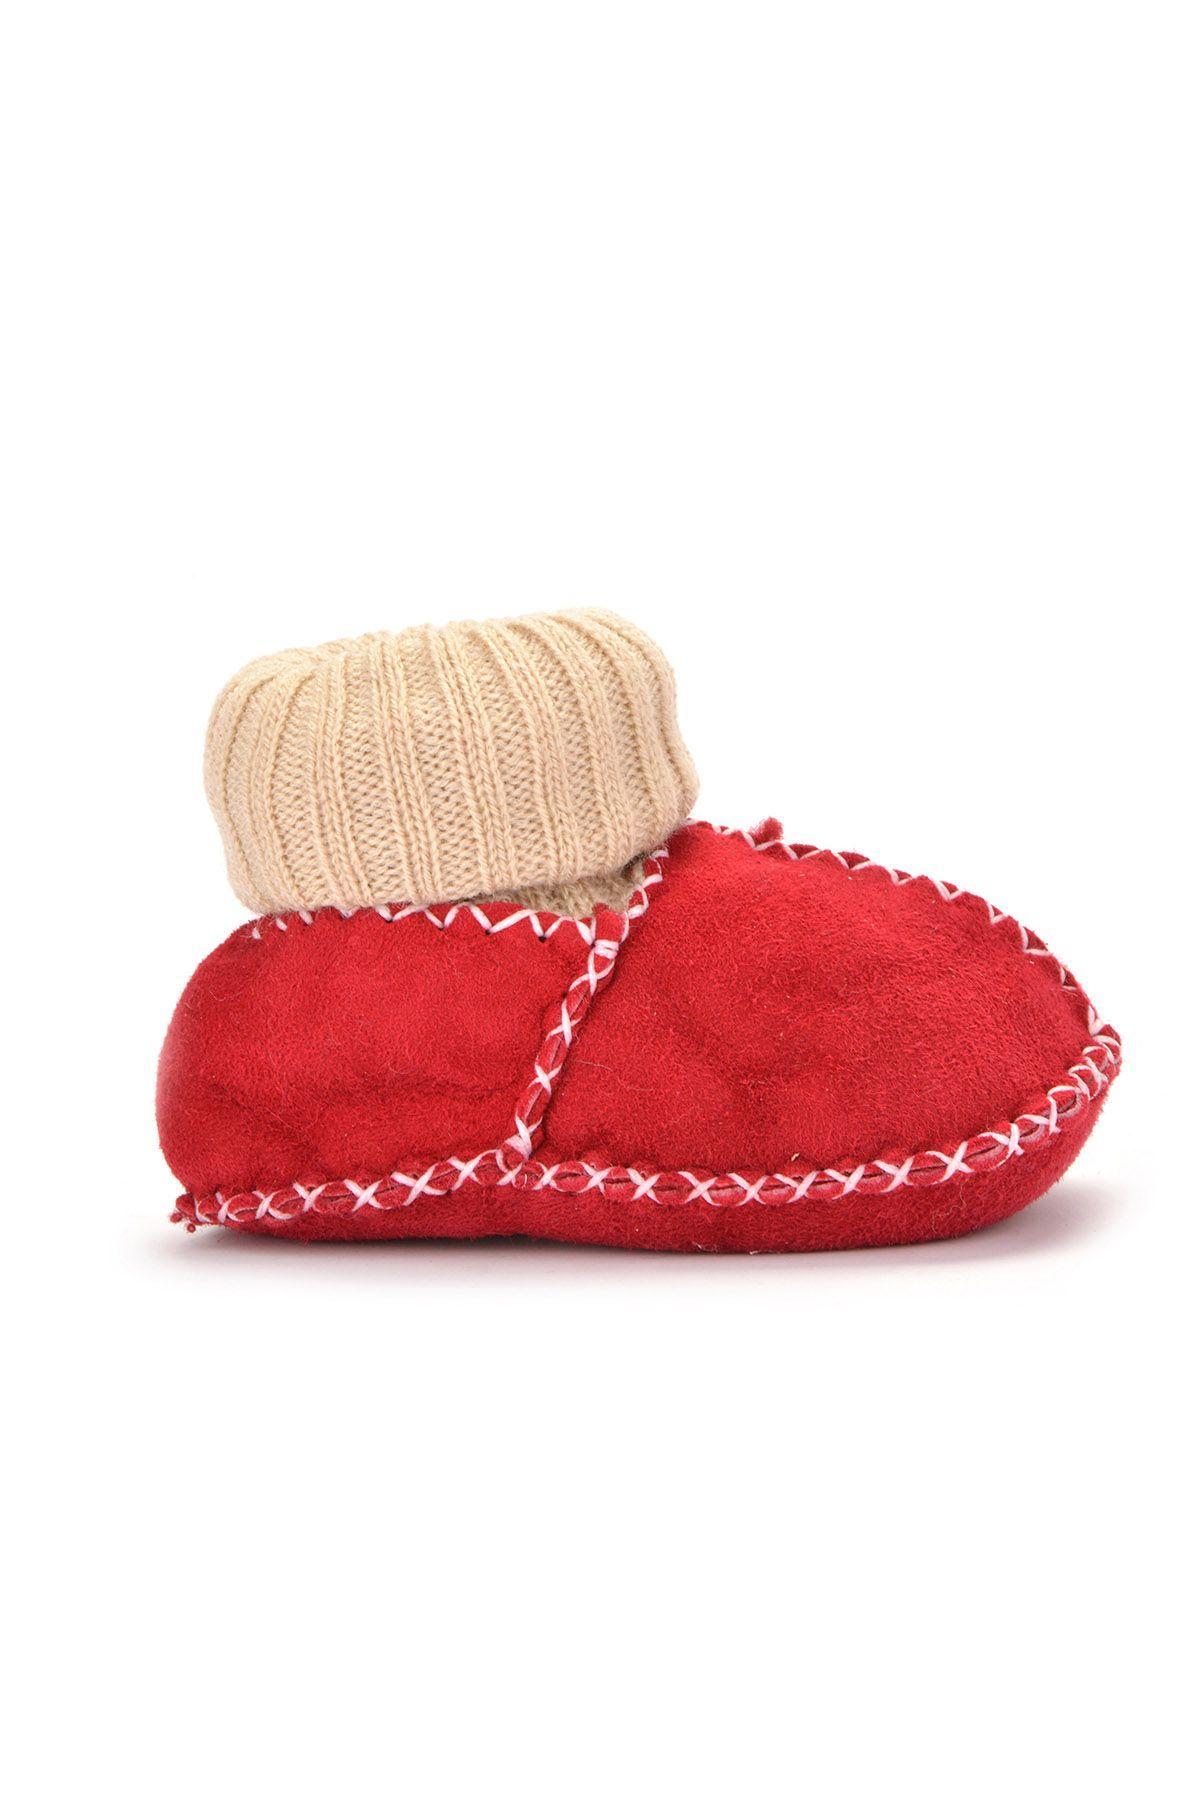 Pegia Hakiki Kürklü Çoraplı Bebek Patiği 141006 Kırmızı